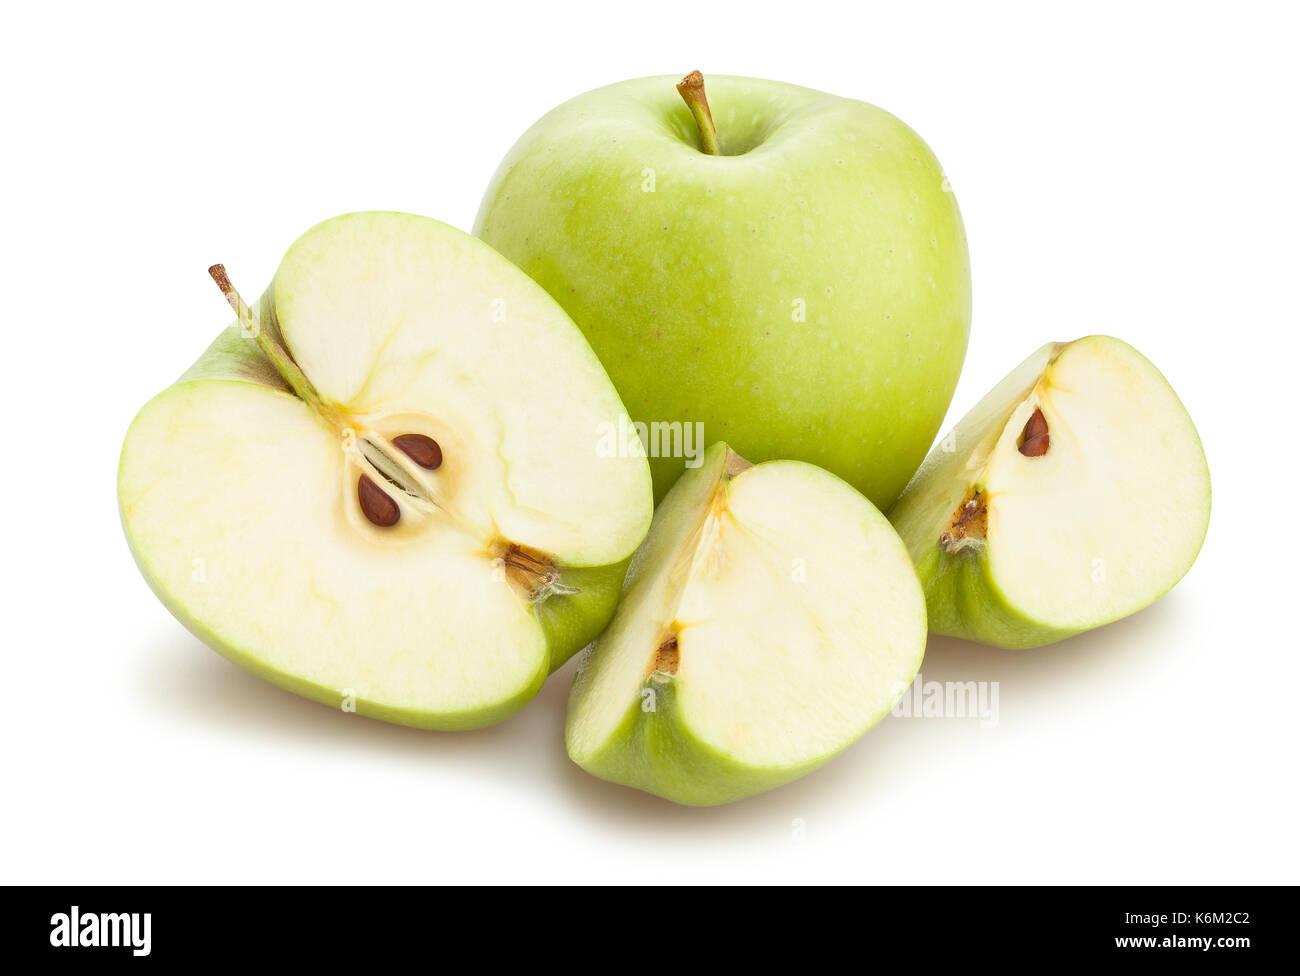 Rodajas de manzana verde camino aislado Imagen De Stock